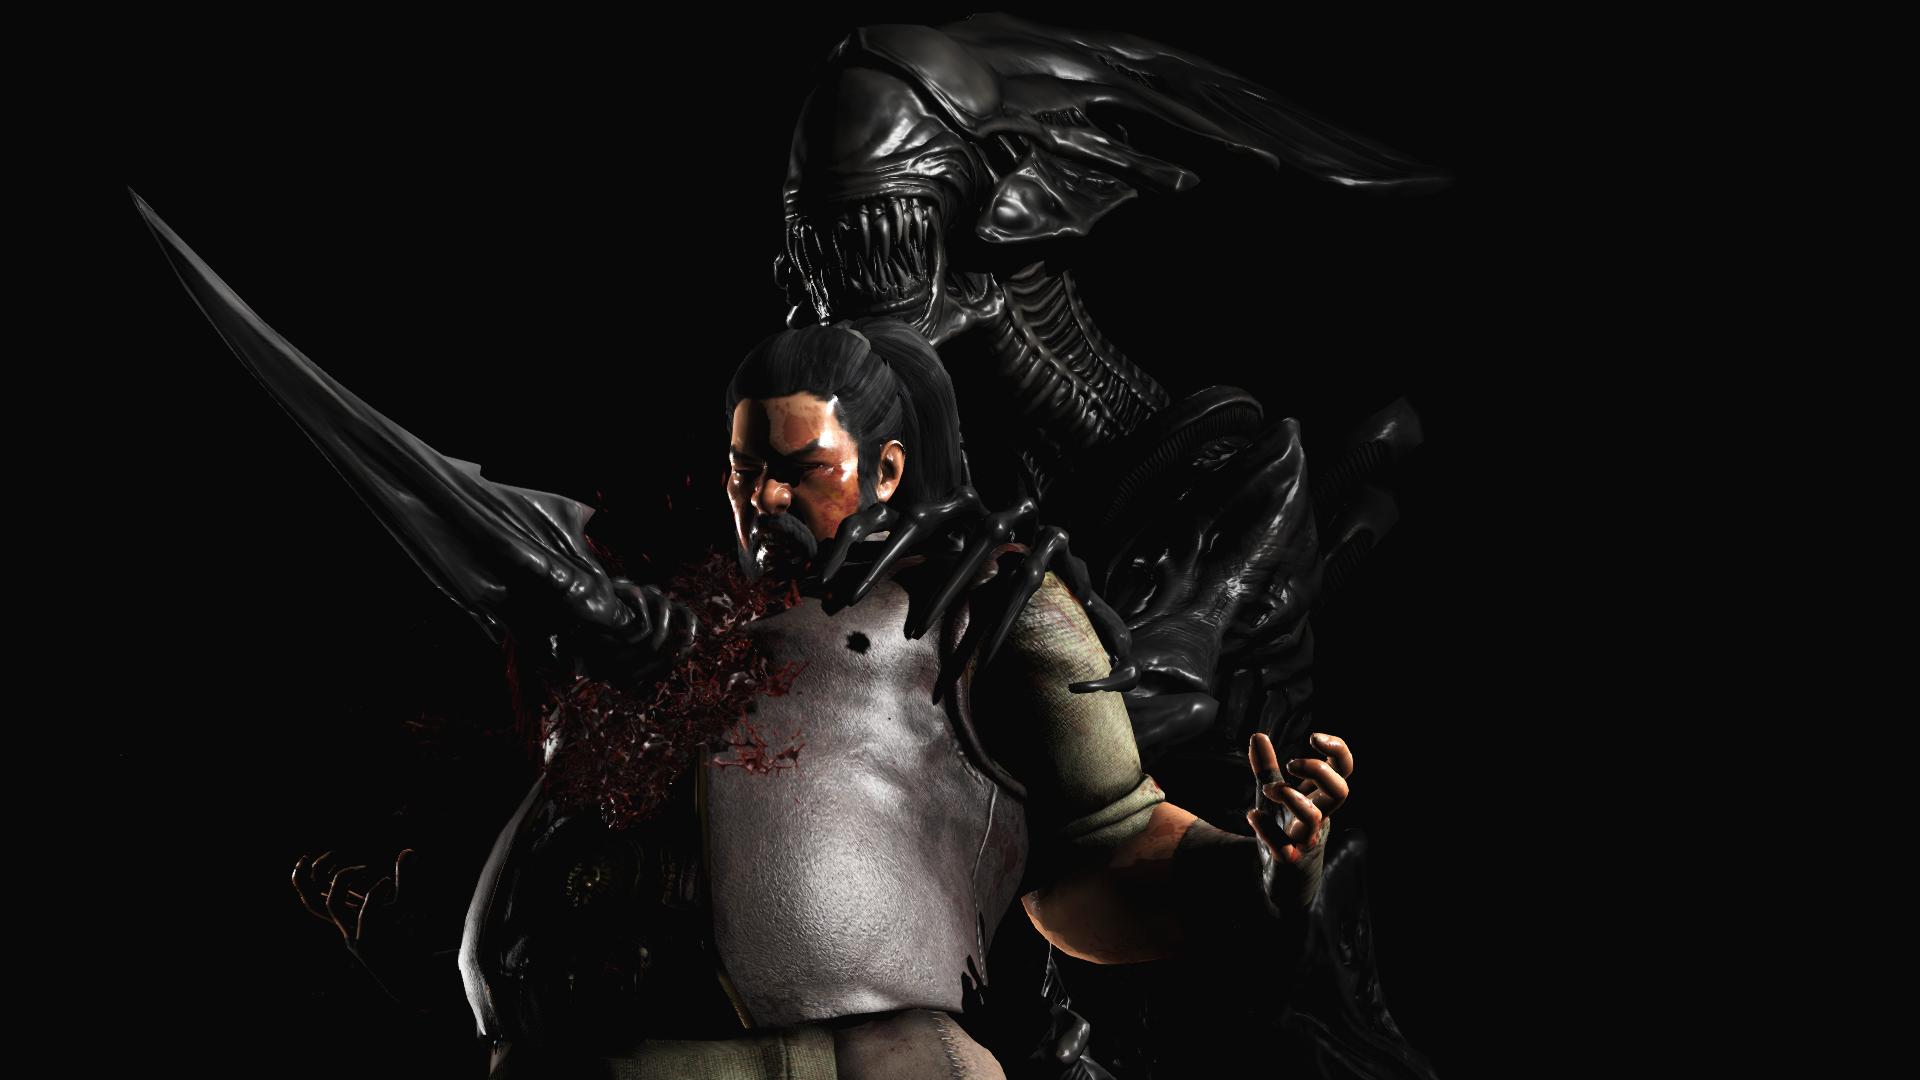 mk10 2017-09-12 21-54-37.png - Mortal Kombat X